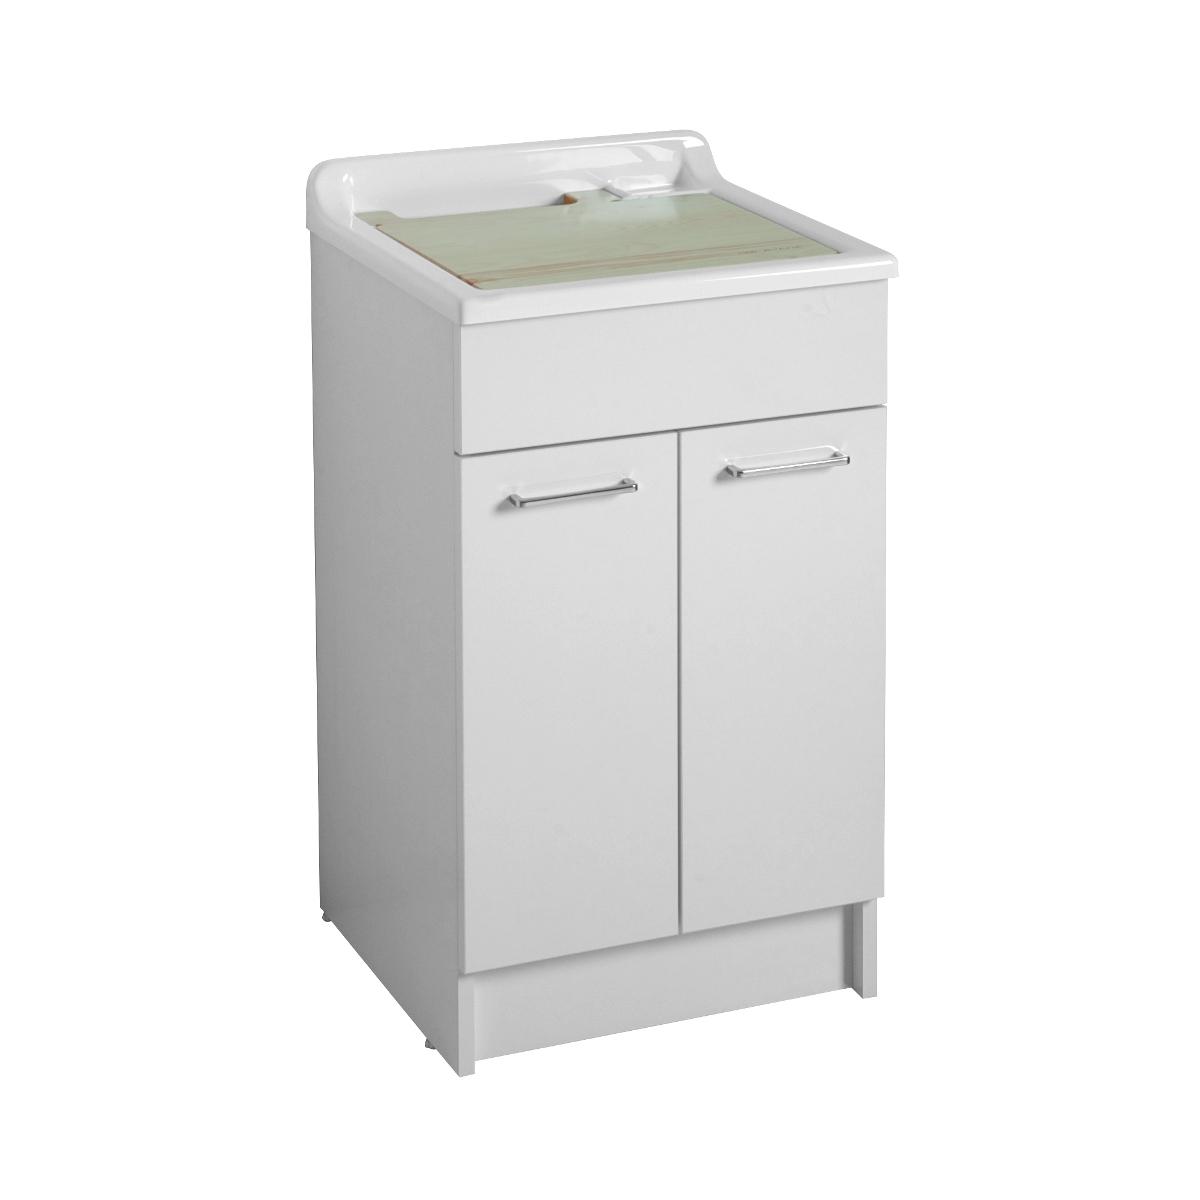 Mobile con lavatoio lavanderia 50x50x86h swash - Mobile con lavatoio ...